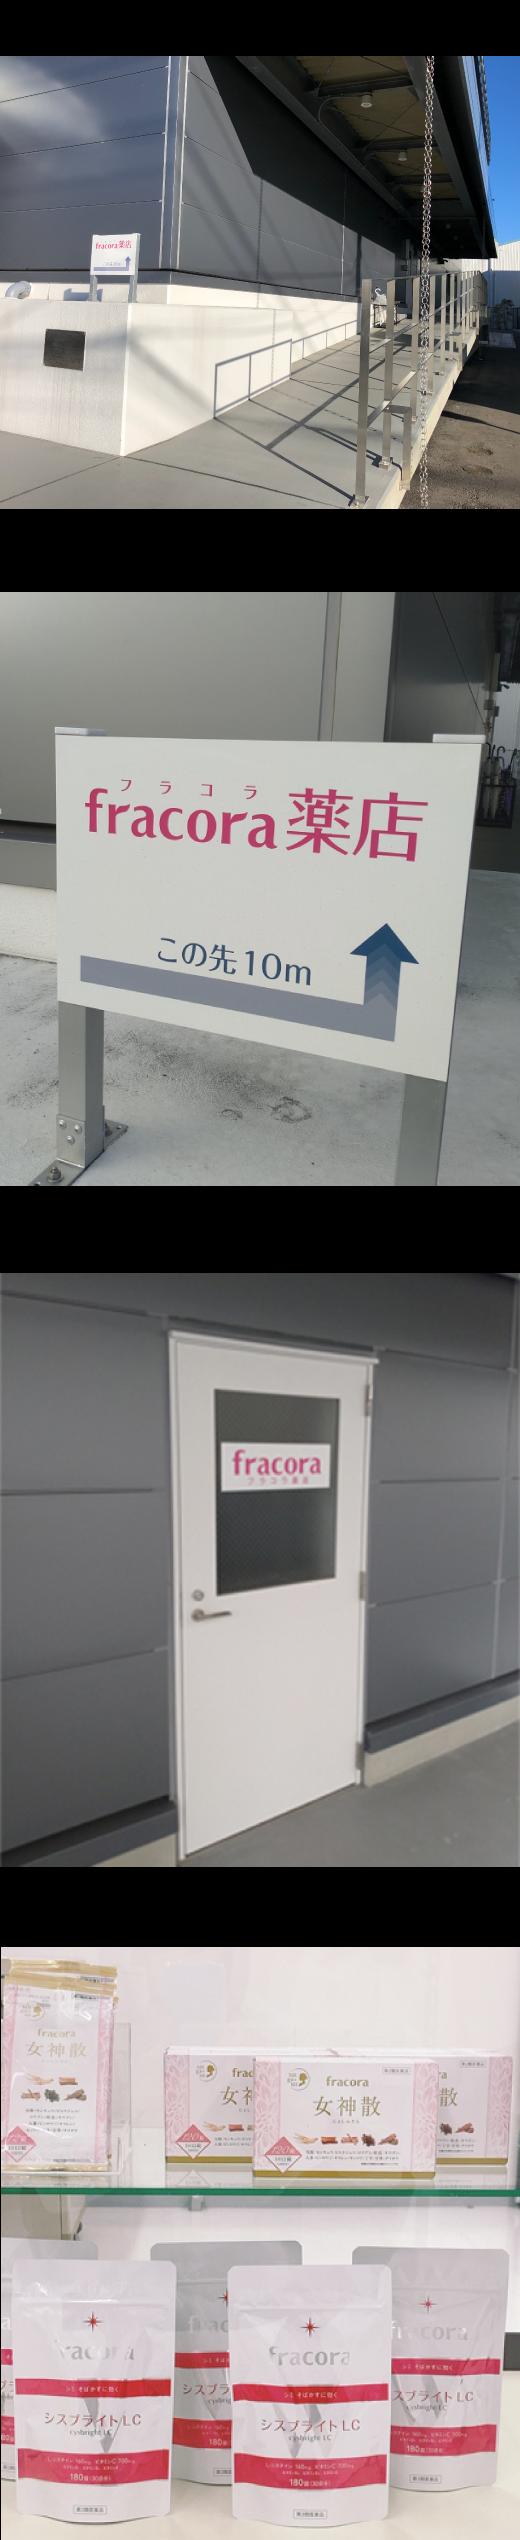 フラコラ薬店